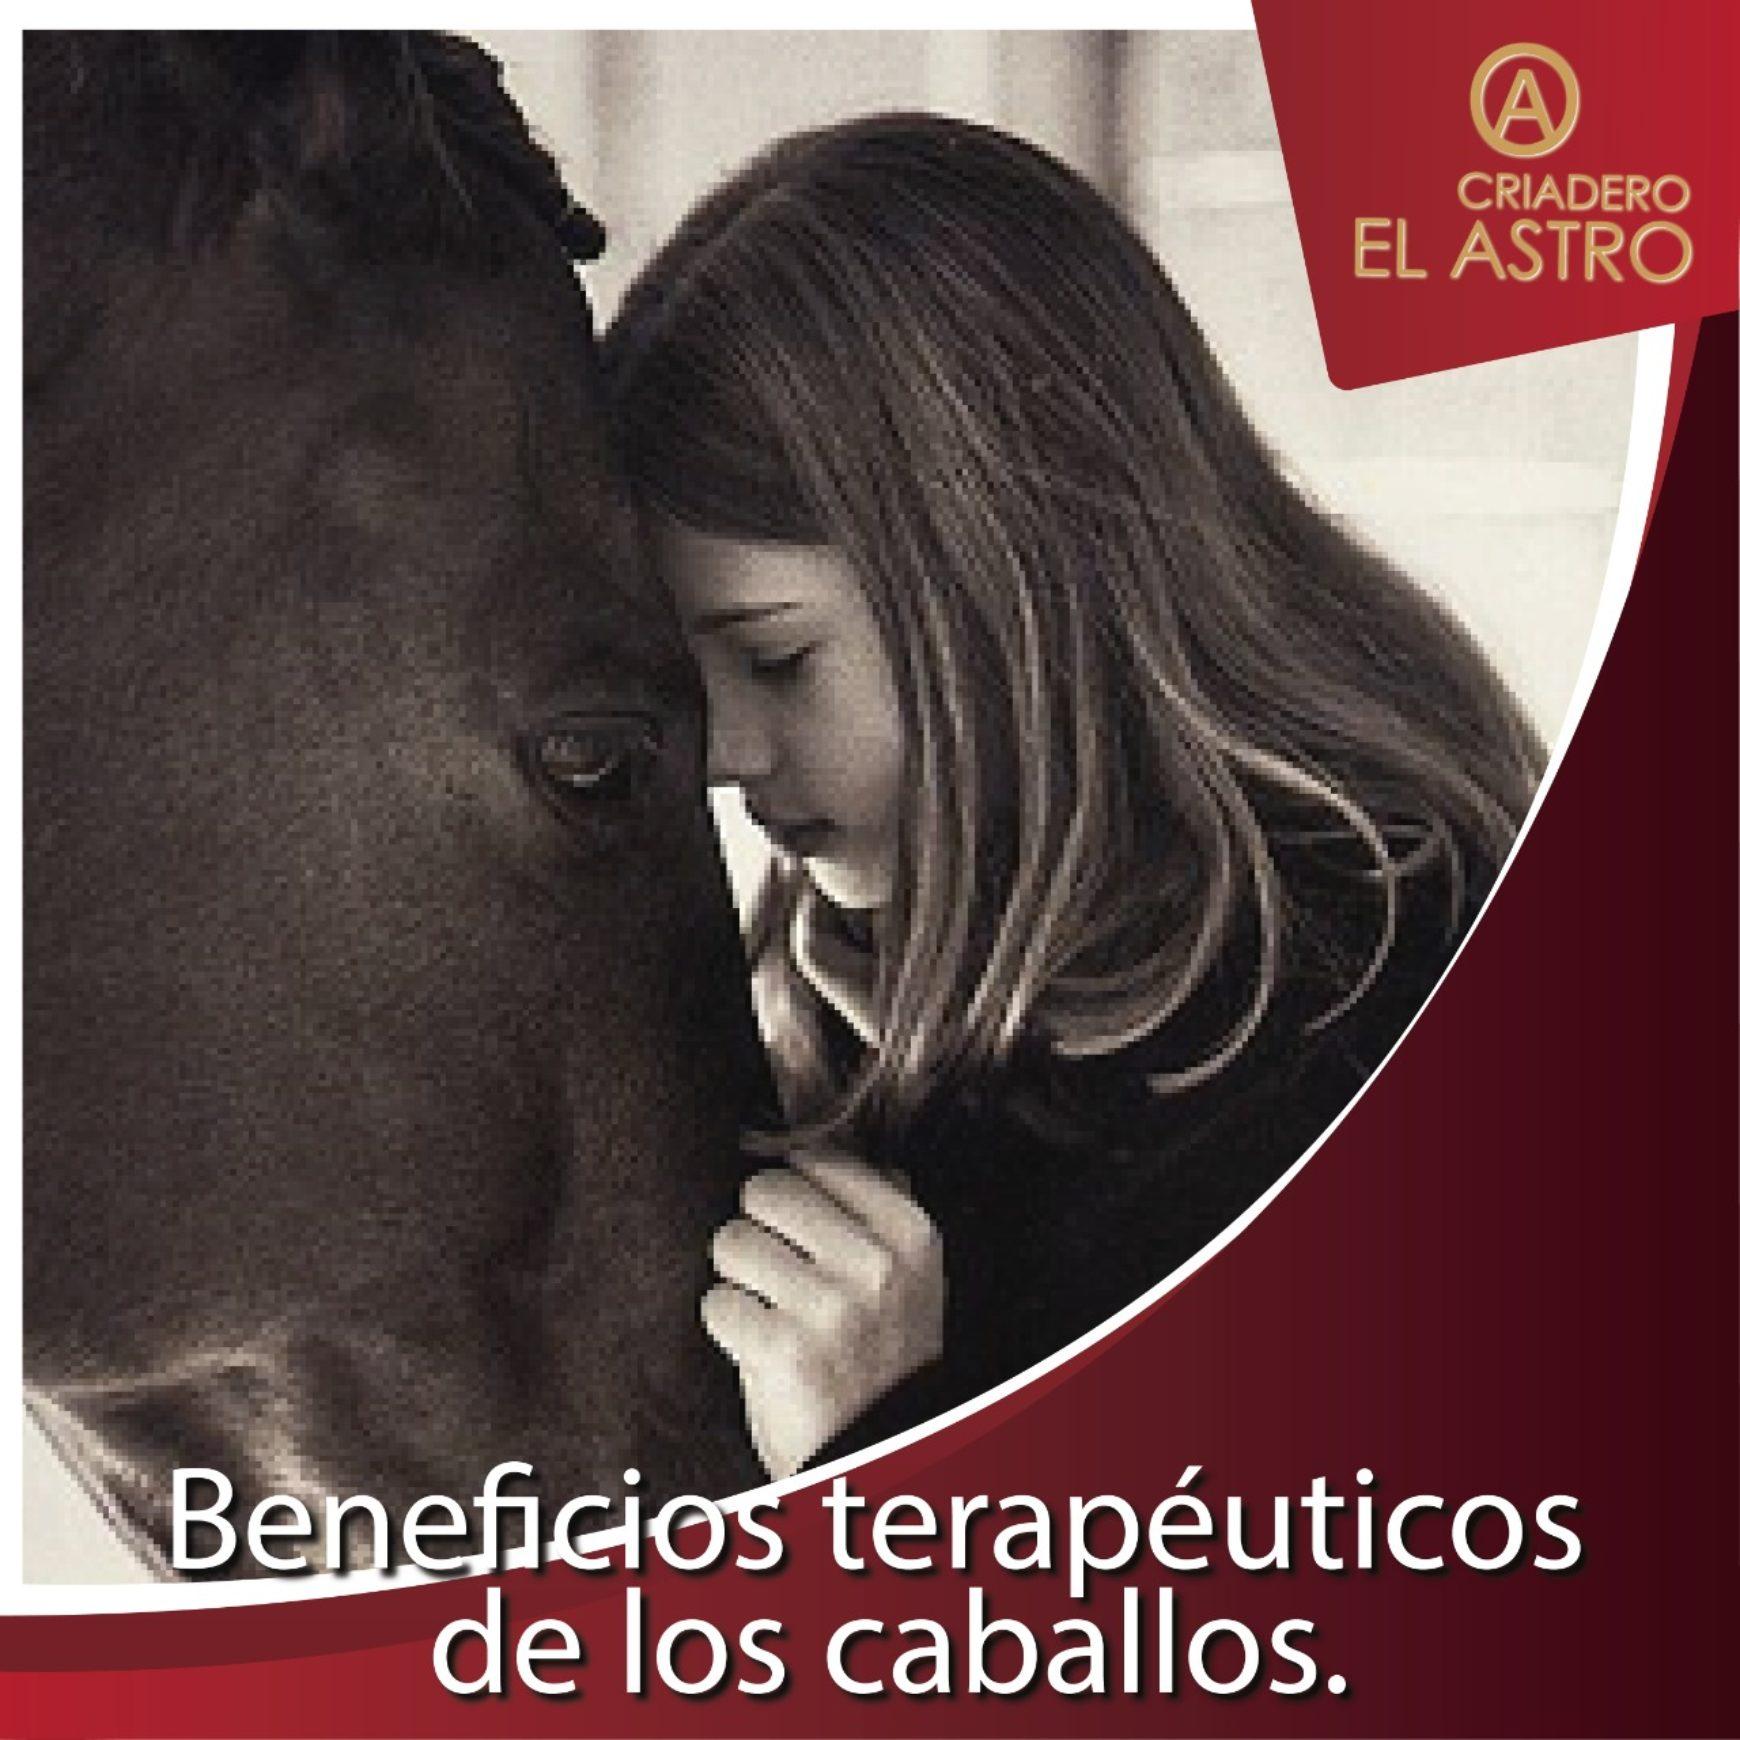 Beneficios terapéuticos  de los caballos.